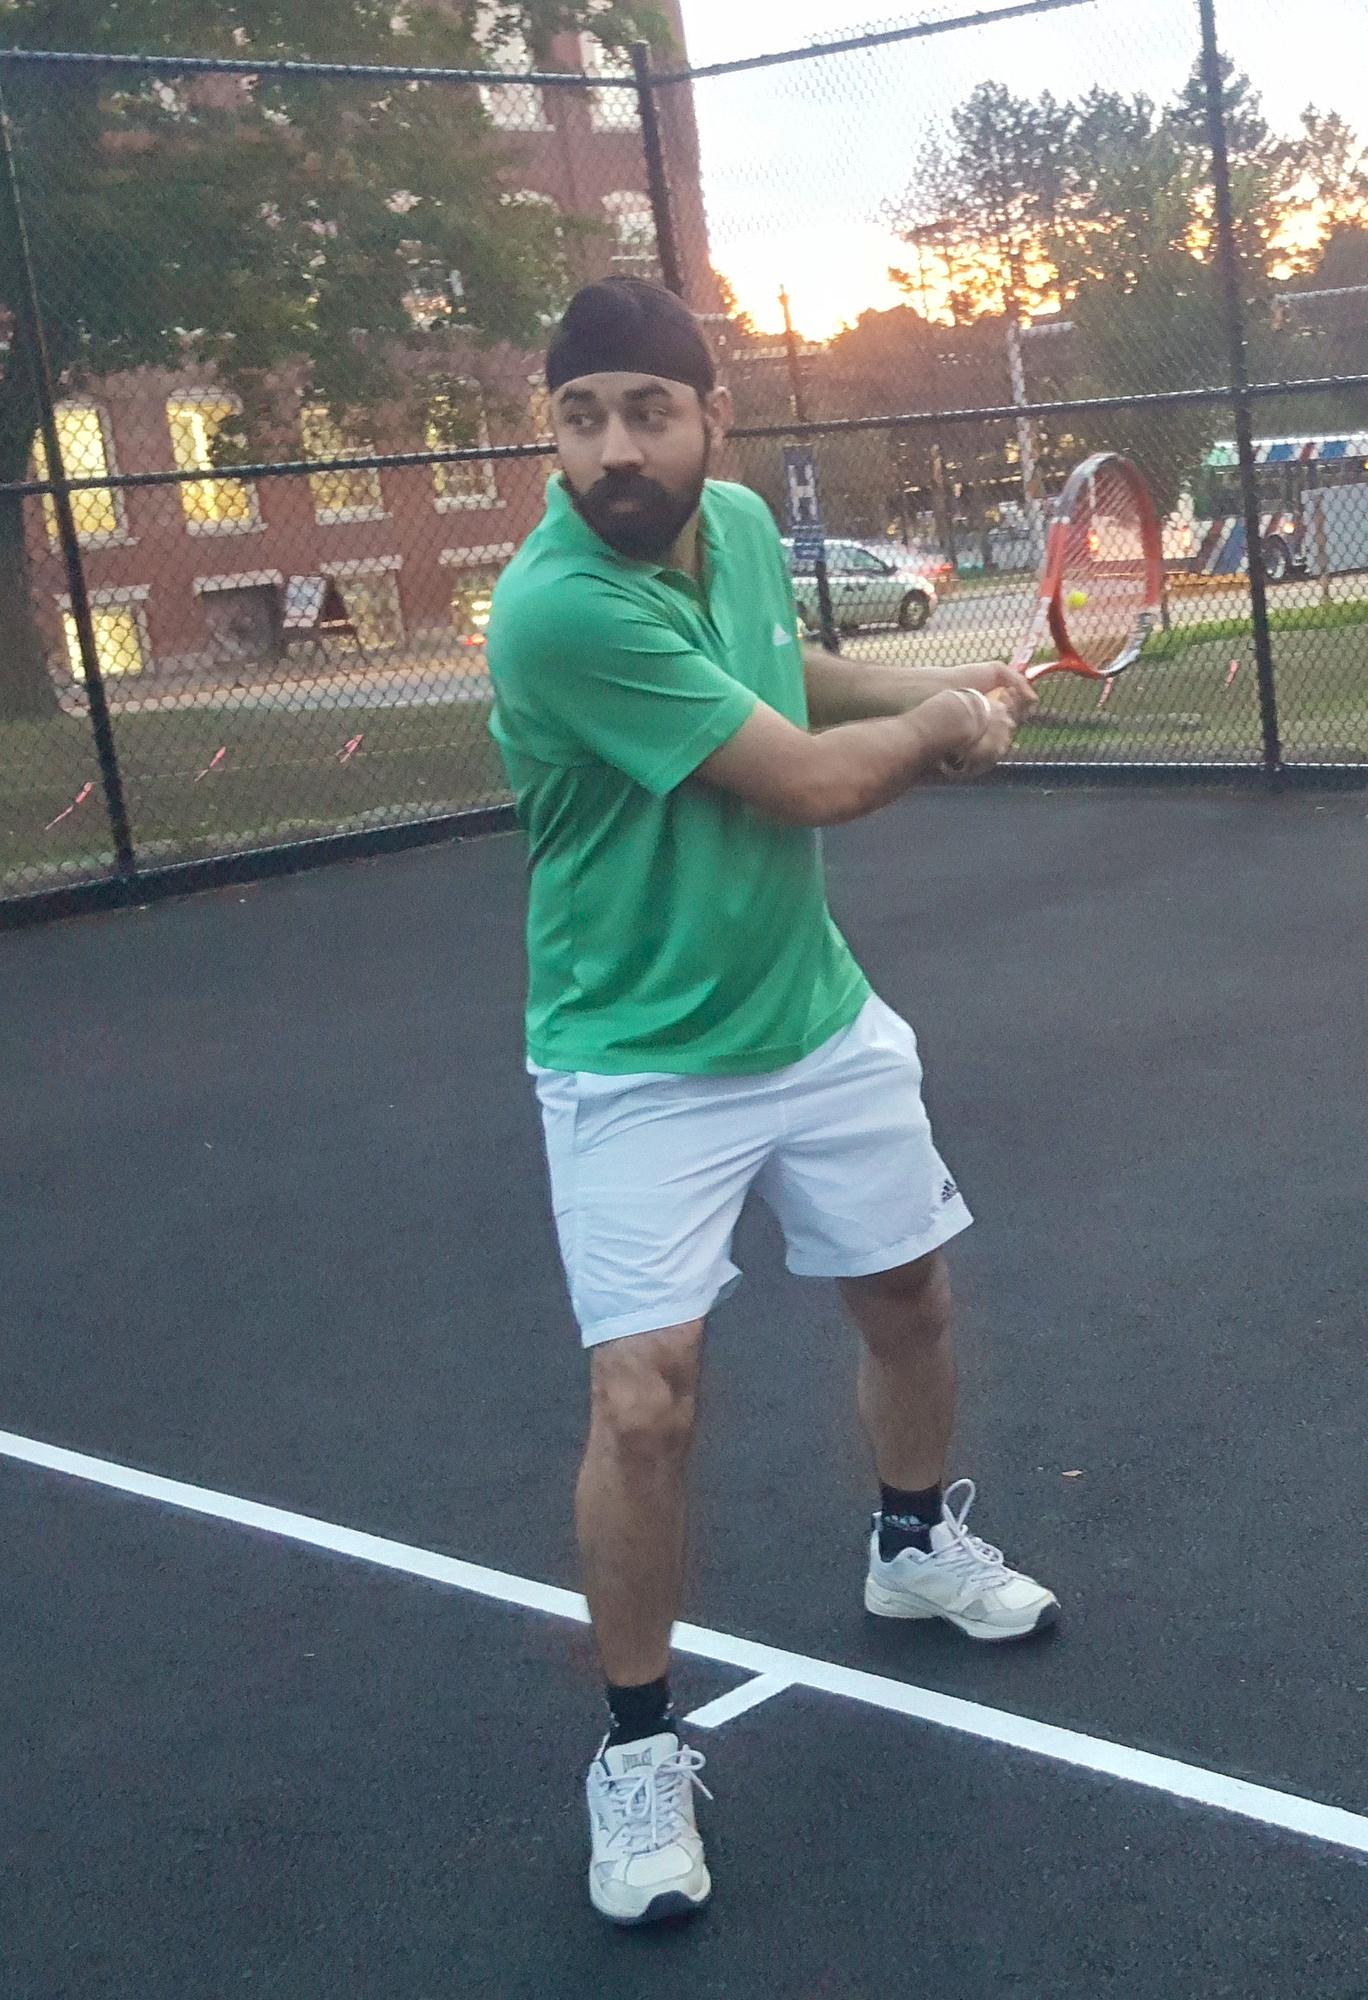 Baldeep G. teaches tennis lessons in Lowell, MA